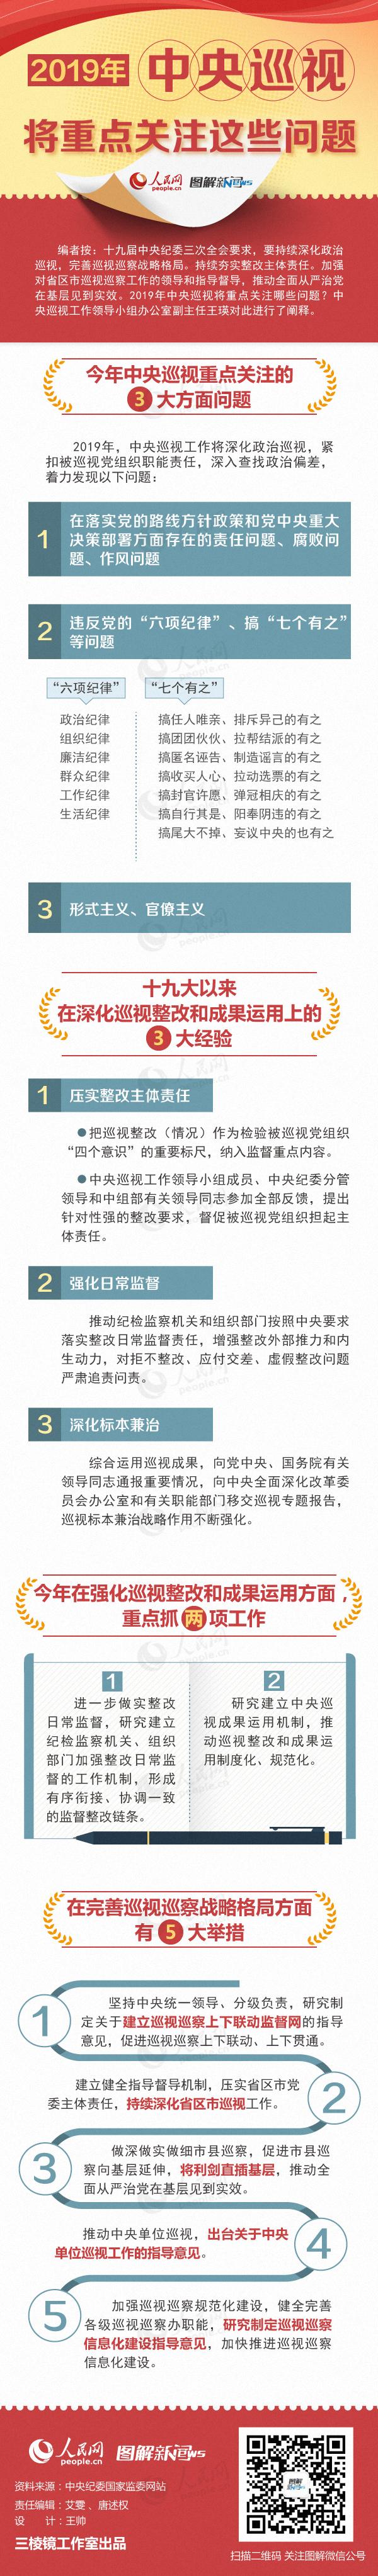 2019年河北公务员考试时政:2019年中央巡视将重点关注这些问题